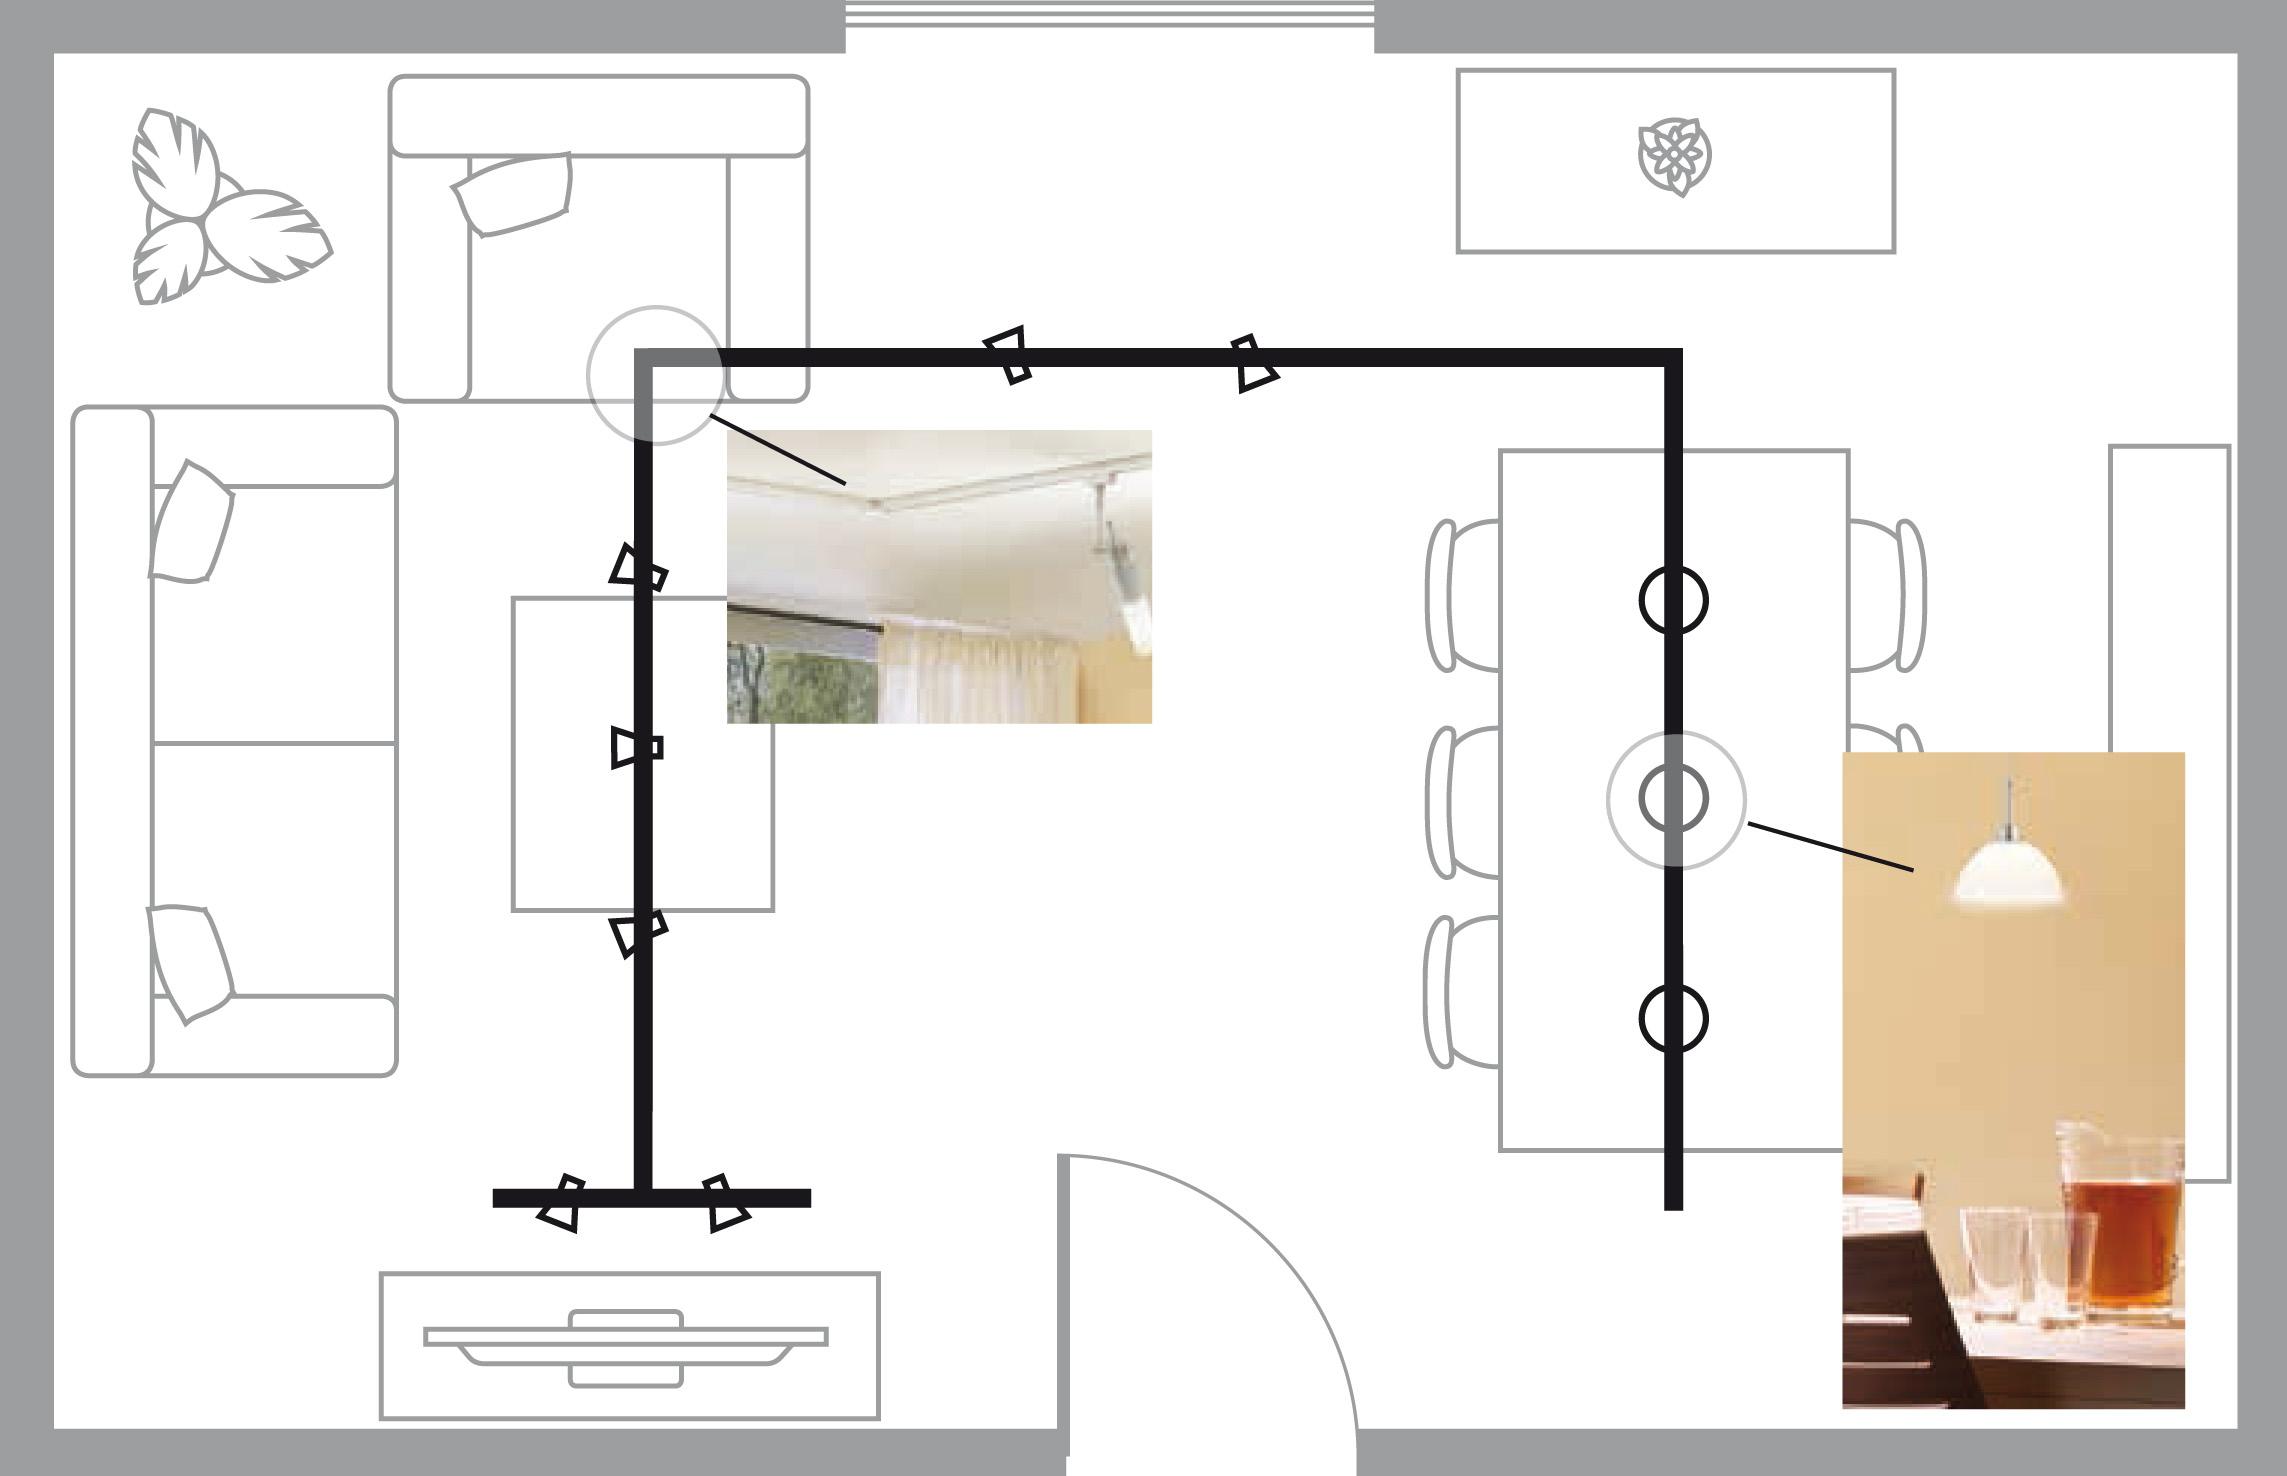 eclairage tableau eclairage sur rail plafond connecteur d alimentation paulmann